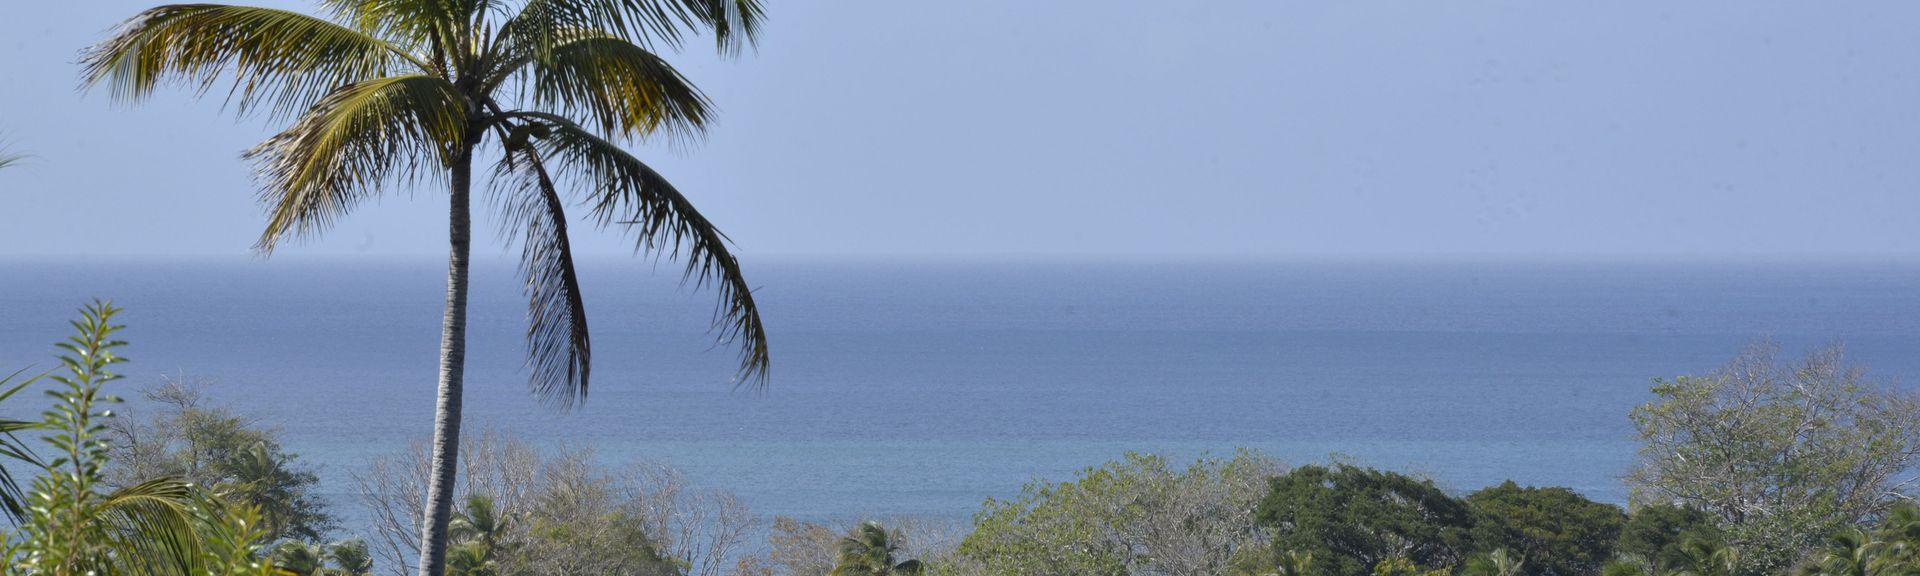 Stonehaven Bay, Black Rock, Western Tobago, Trinidad and Tobago